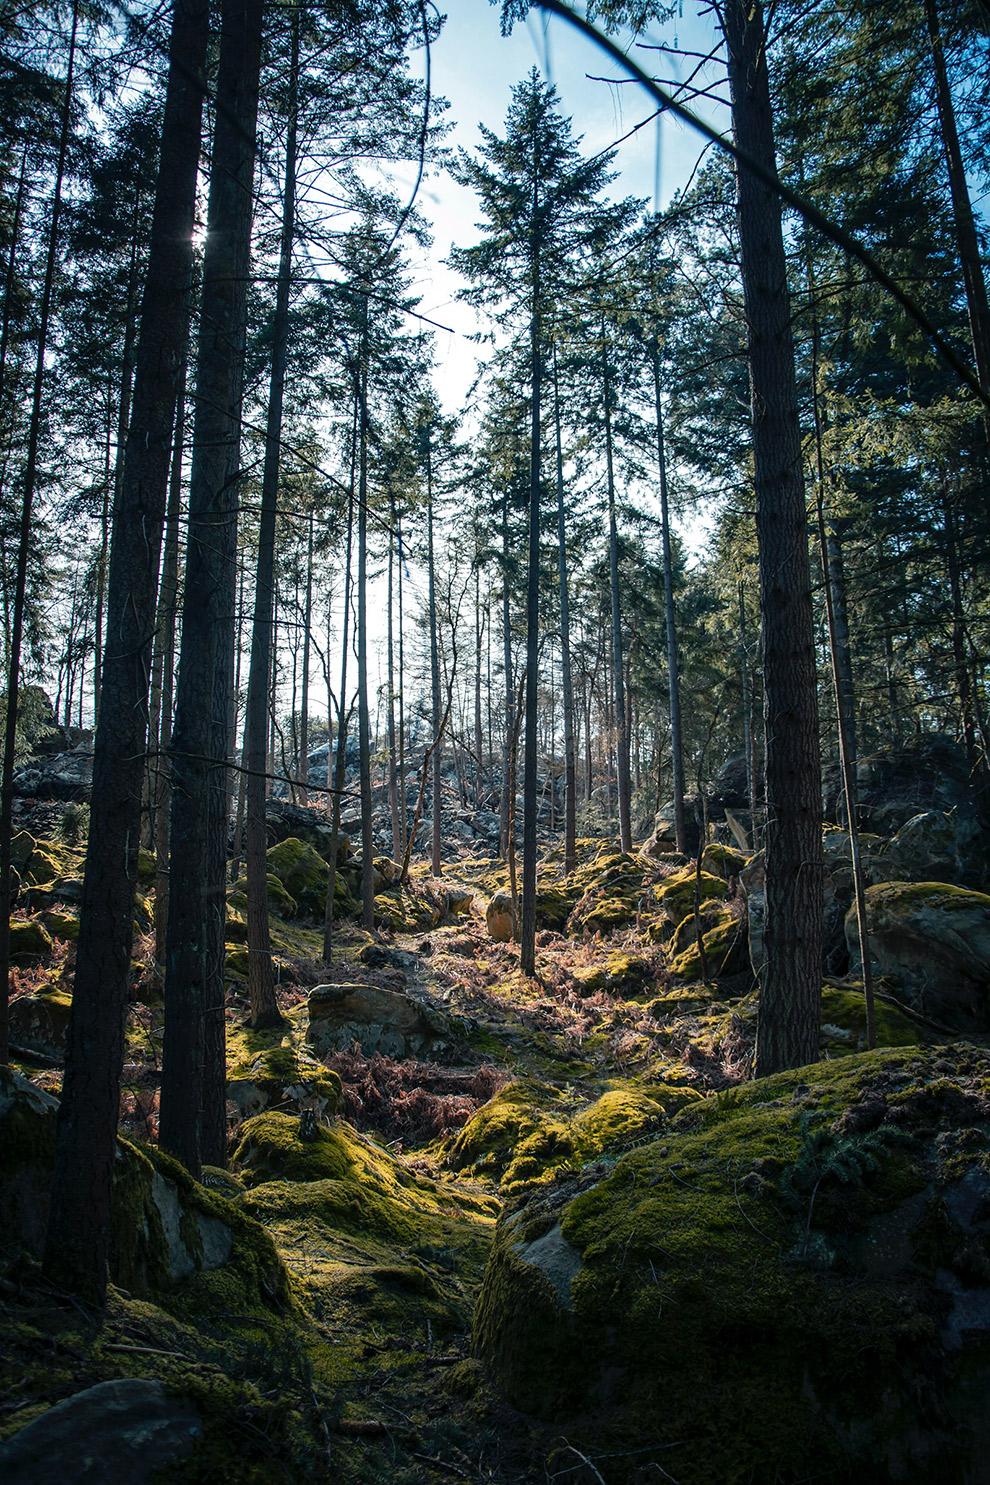 Uitgestrekt loofbomenbos in Forêt de Fontainebleau in Frankrijk